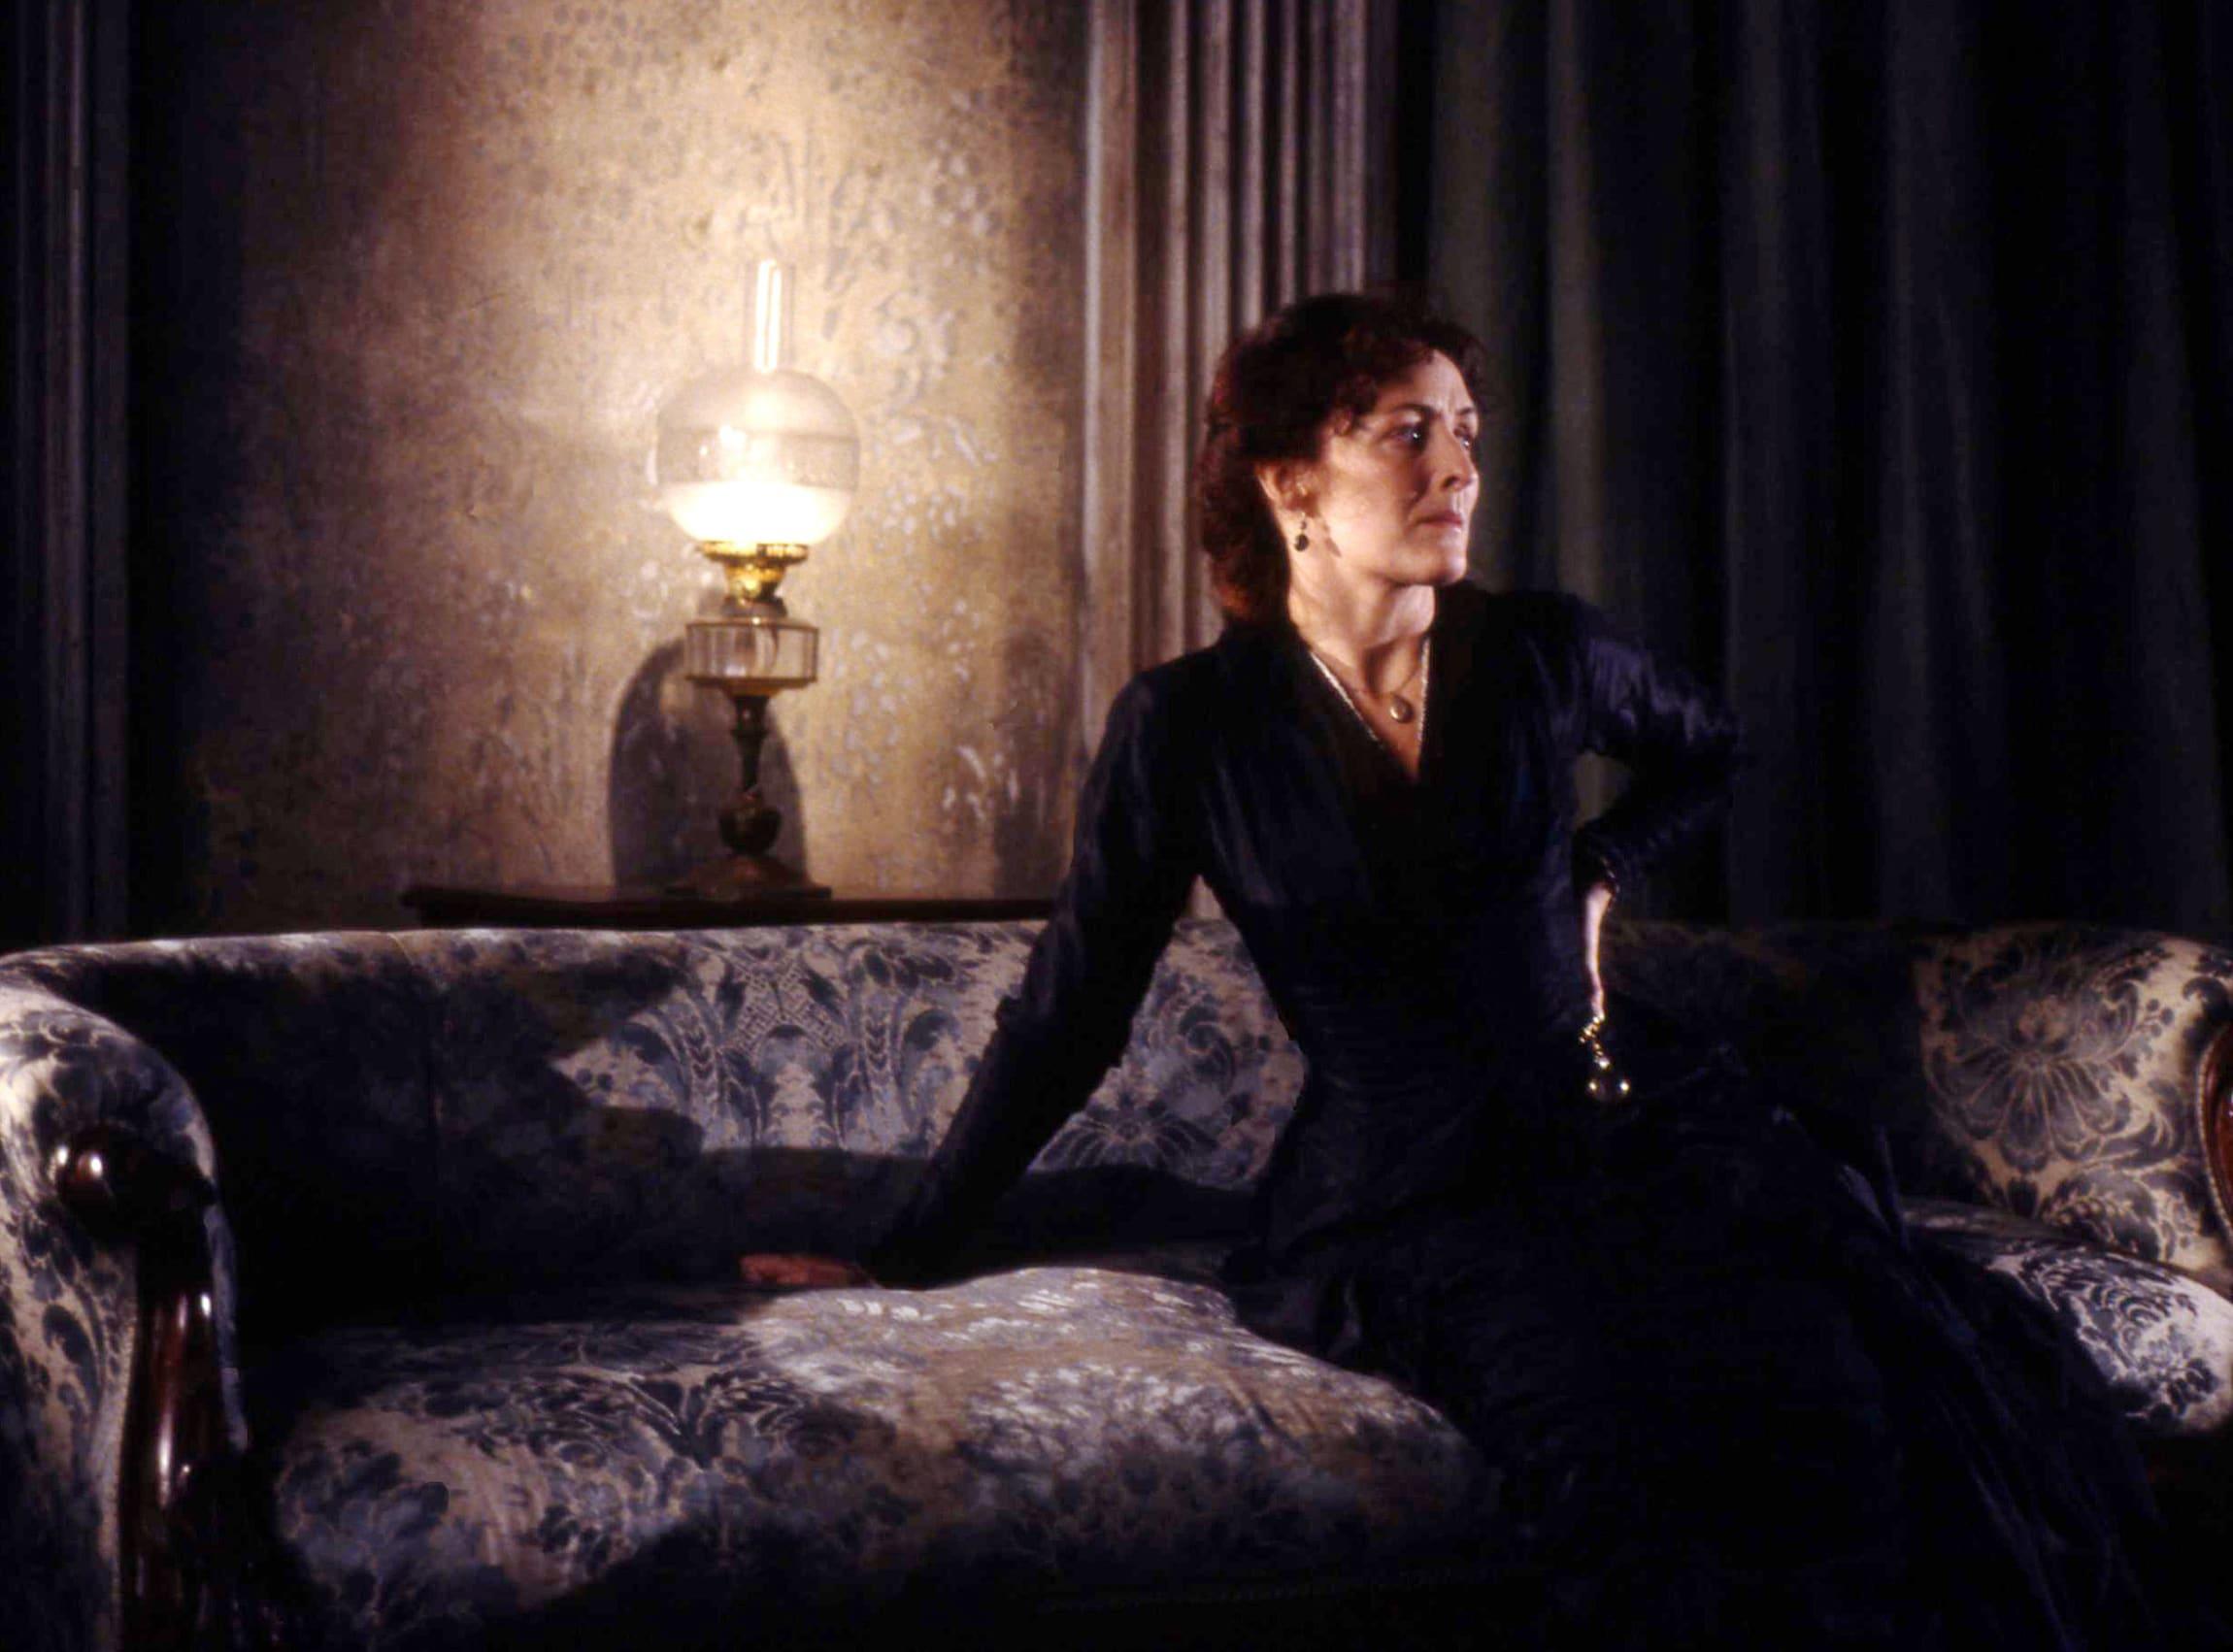 Hedda Gabler production image